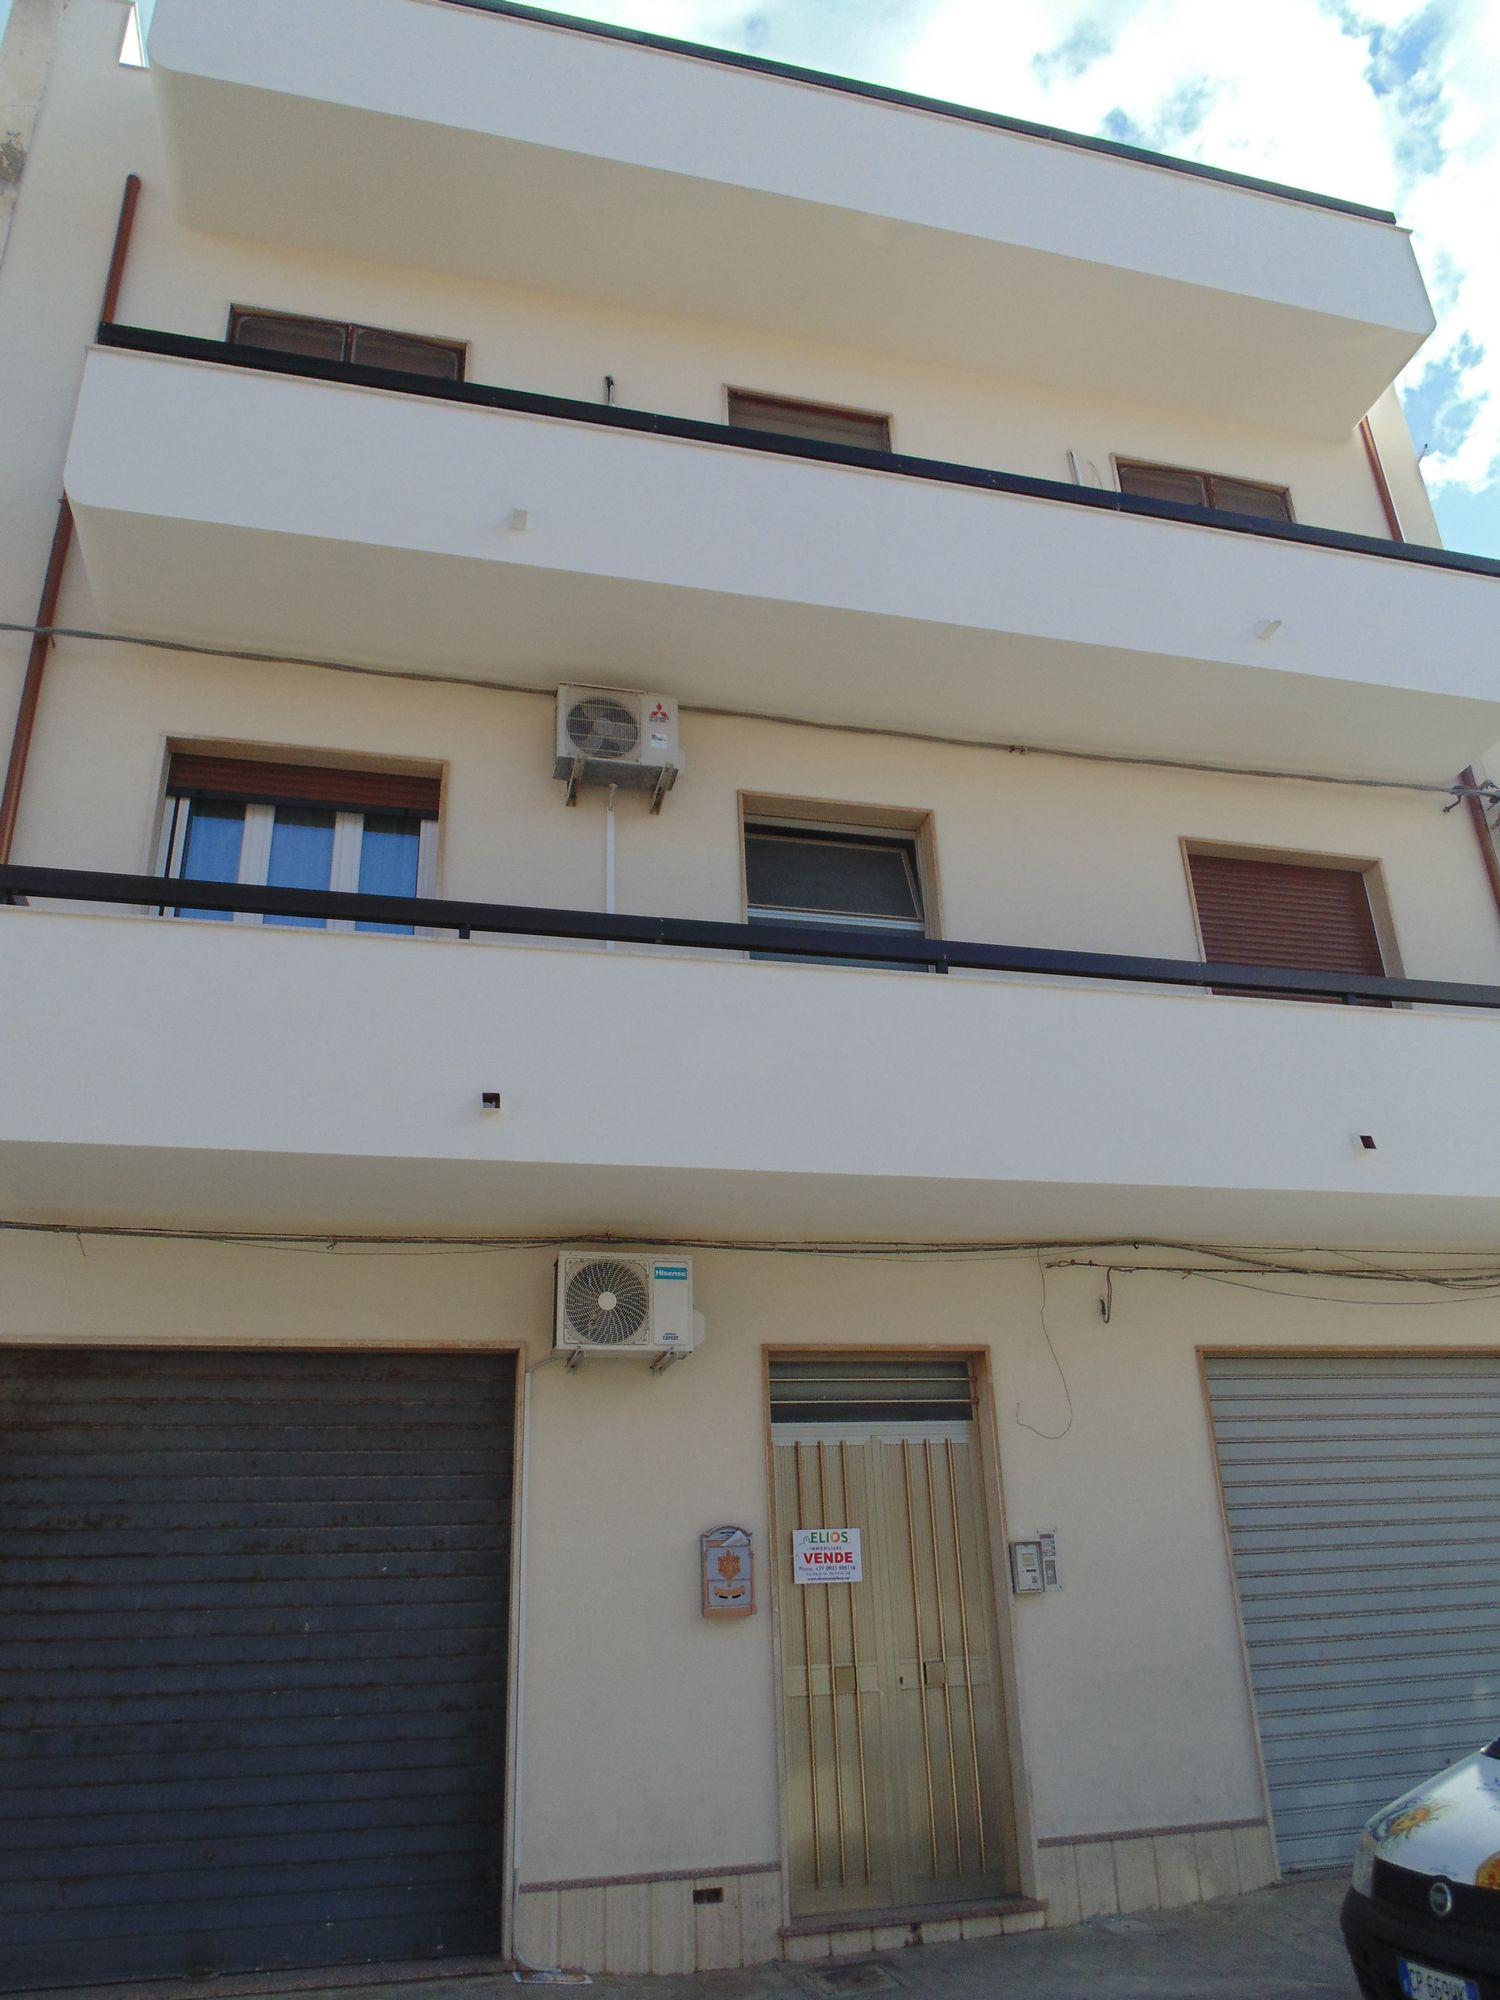 Appartamento di 160 mq circa, situato in zona centralissima, al secondo piano, con stupenda vista mare, dal quale dista circa 300 m. Si compone di ingresso, ampia cucina, soggiorno, tre camere da letto, due bagni, balconi e terrazzino al piano, con vista mare.  ...